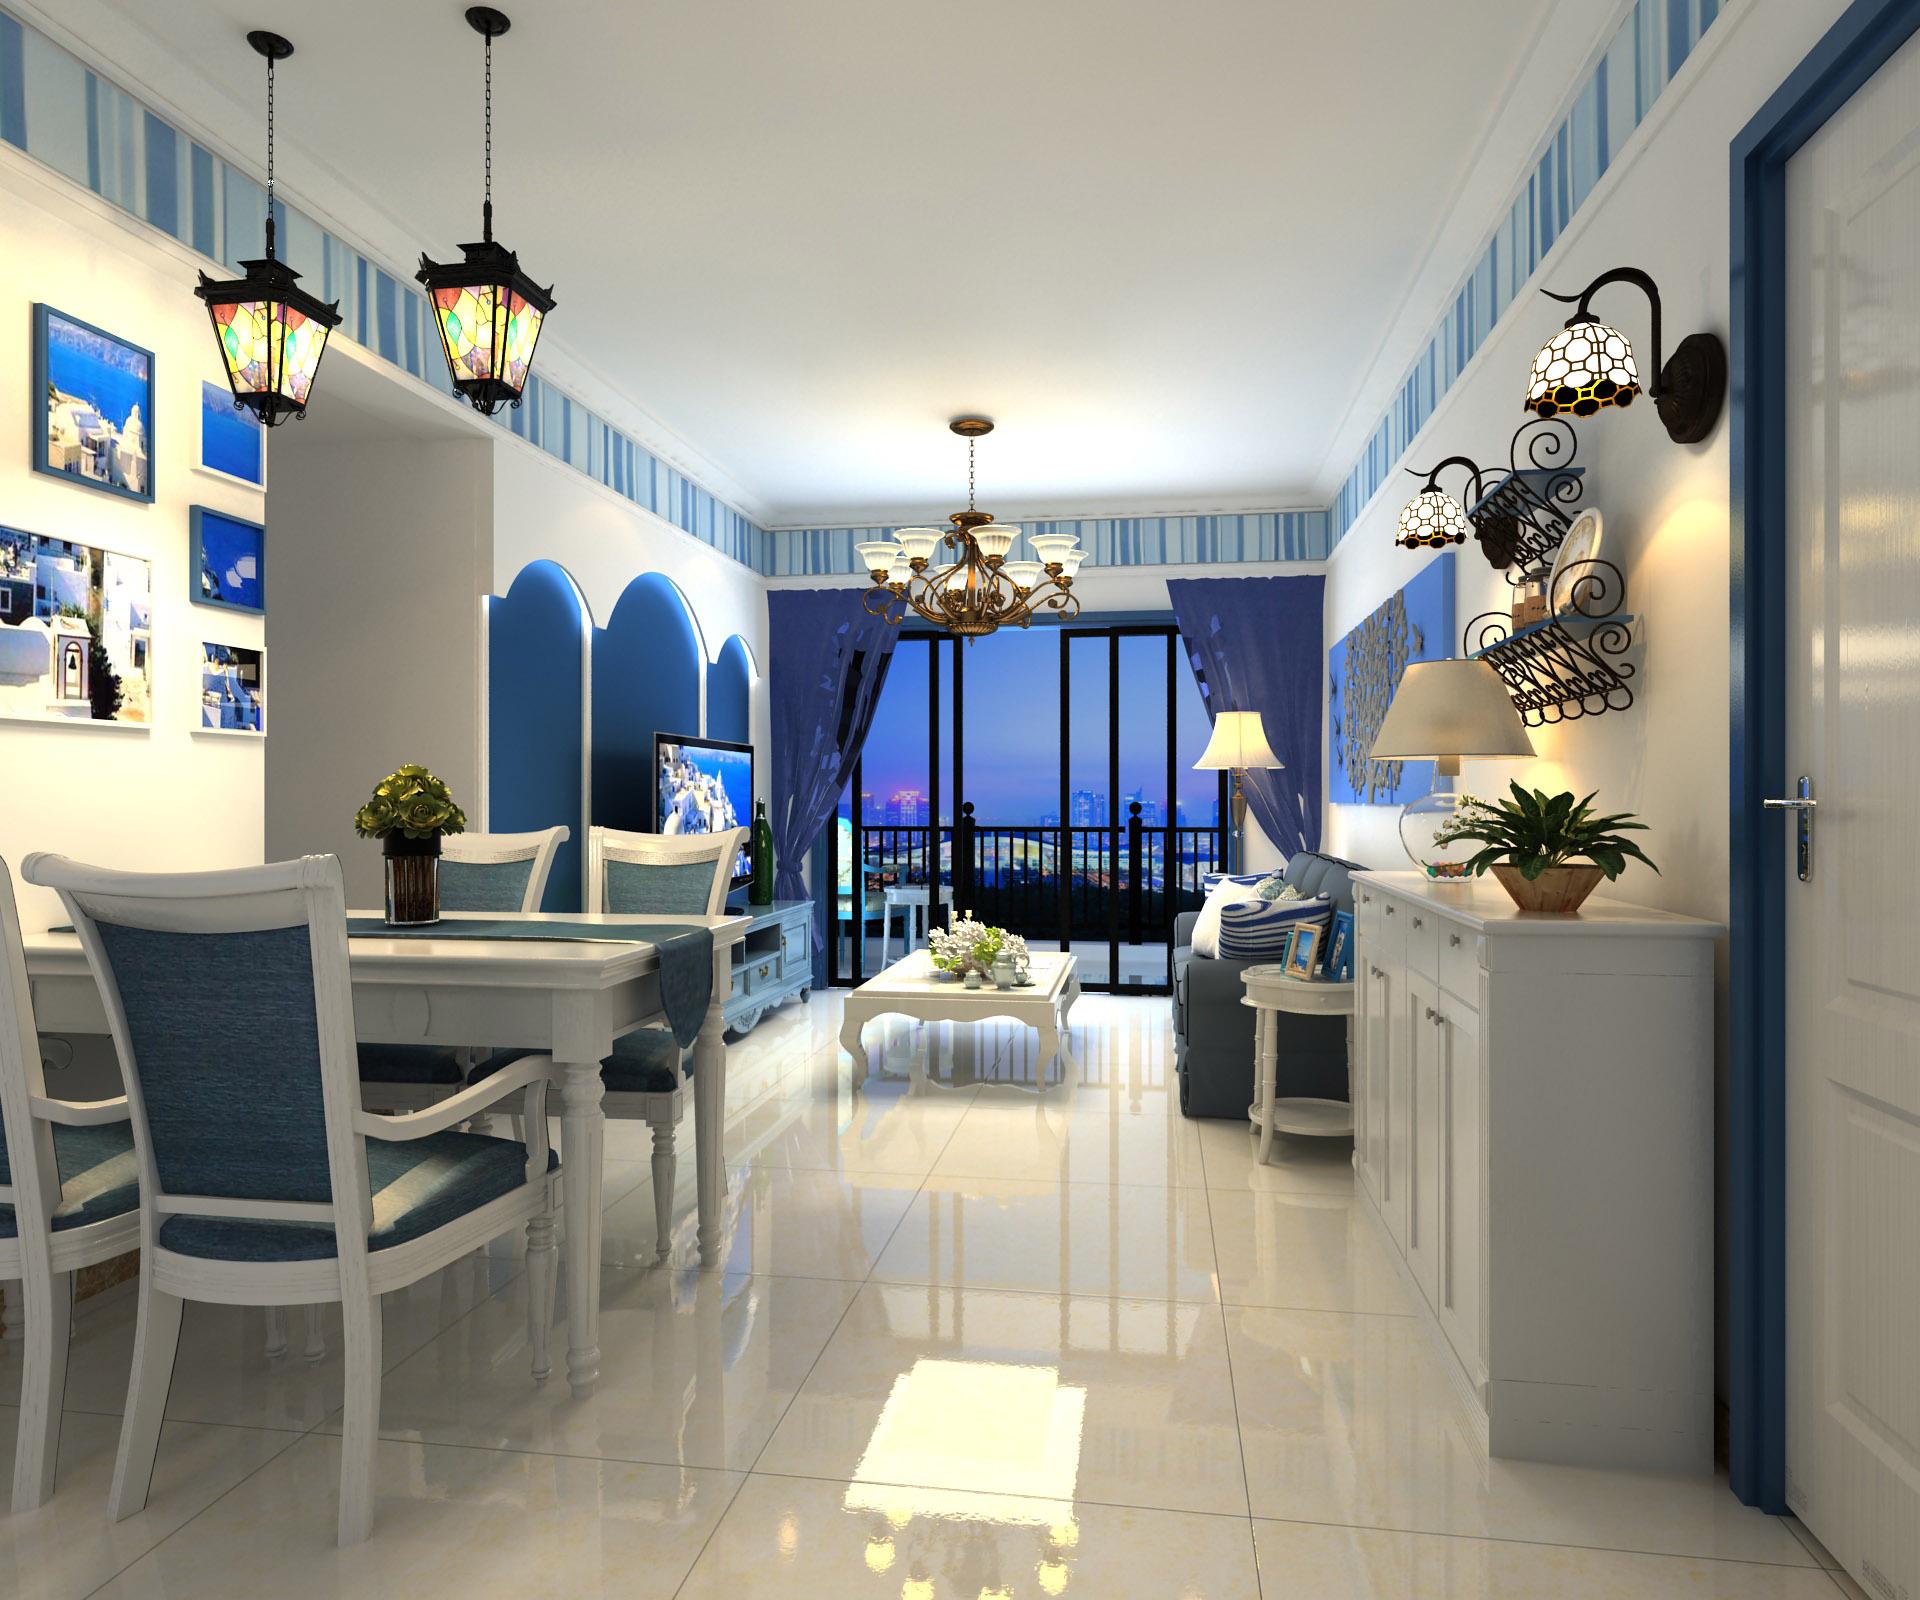 长沙家装丨地中海风格装修注意要点有哪些?